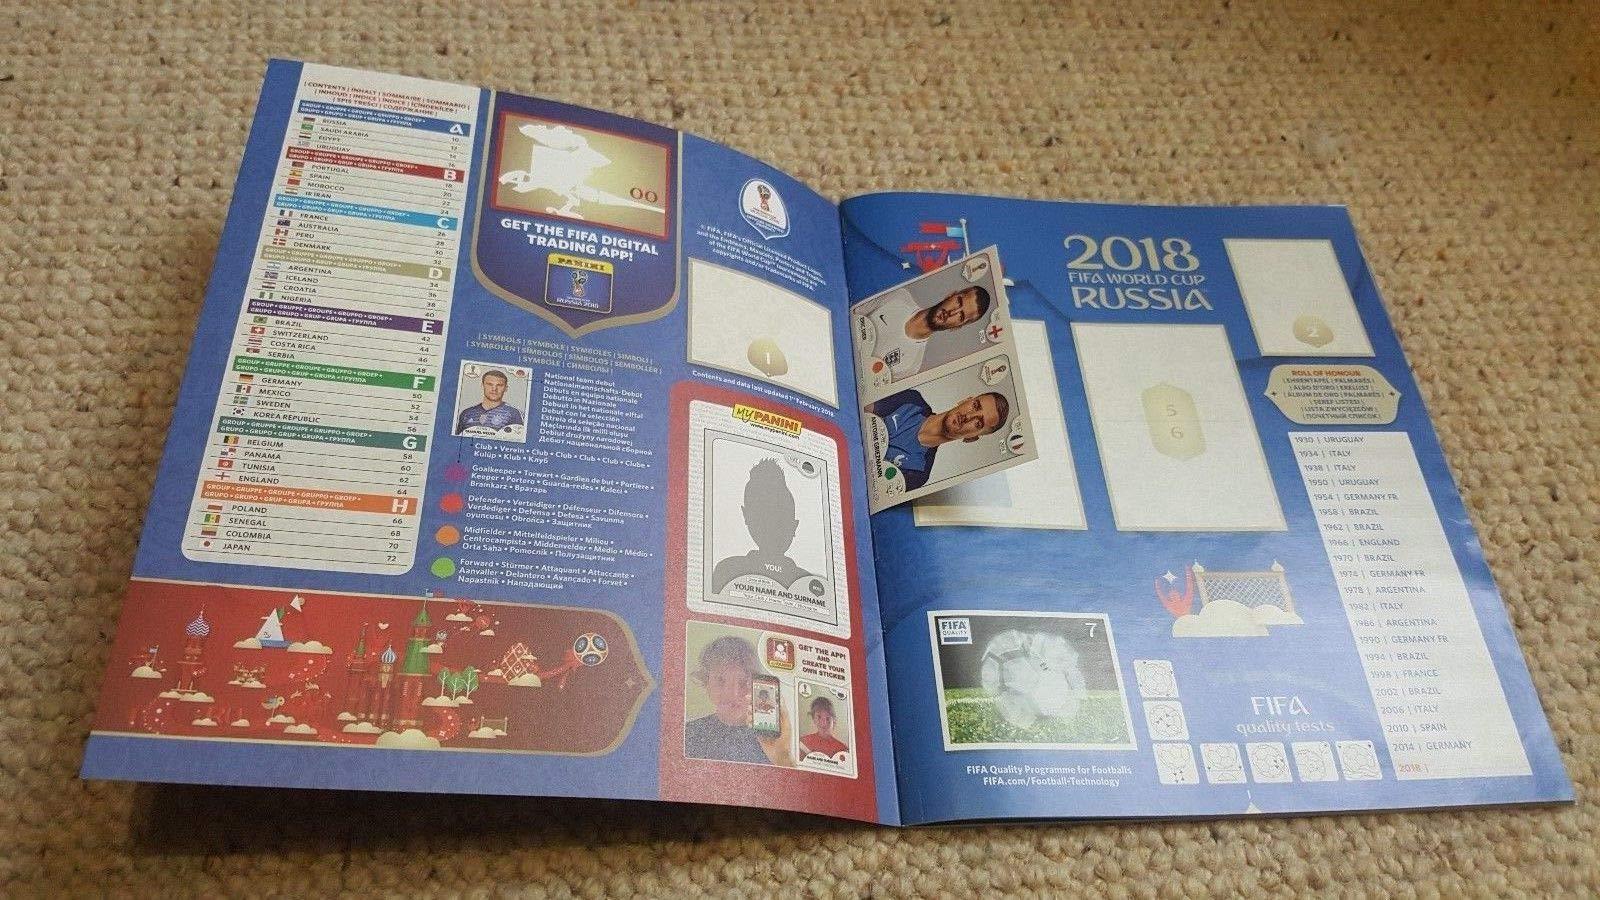 FIFA World Cup Russia 2018 - Álbum de fotos: Amazon.es: Juguetes y juegos